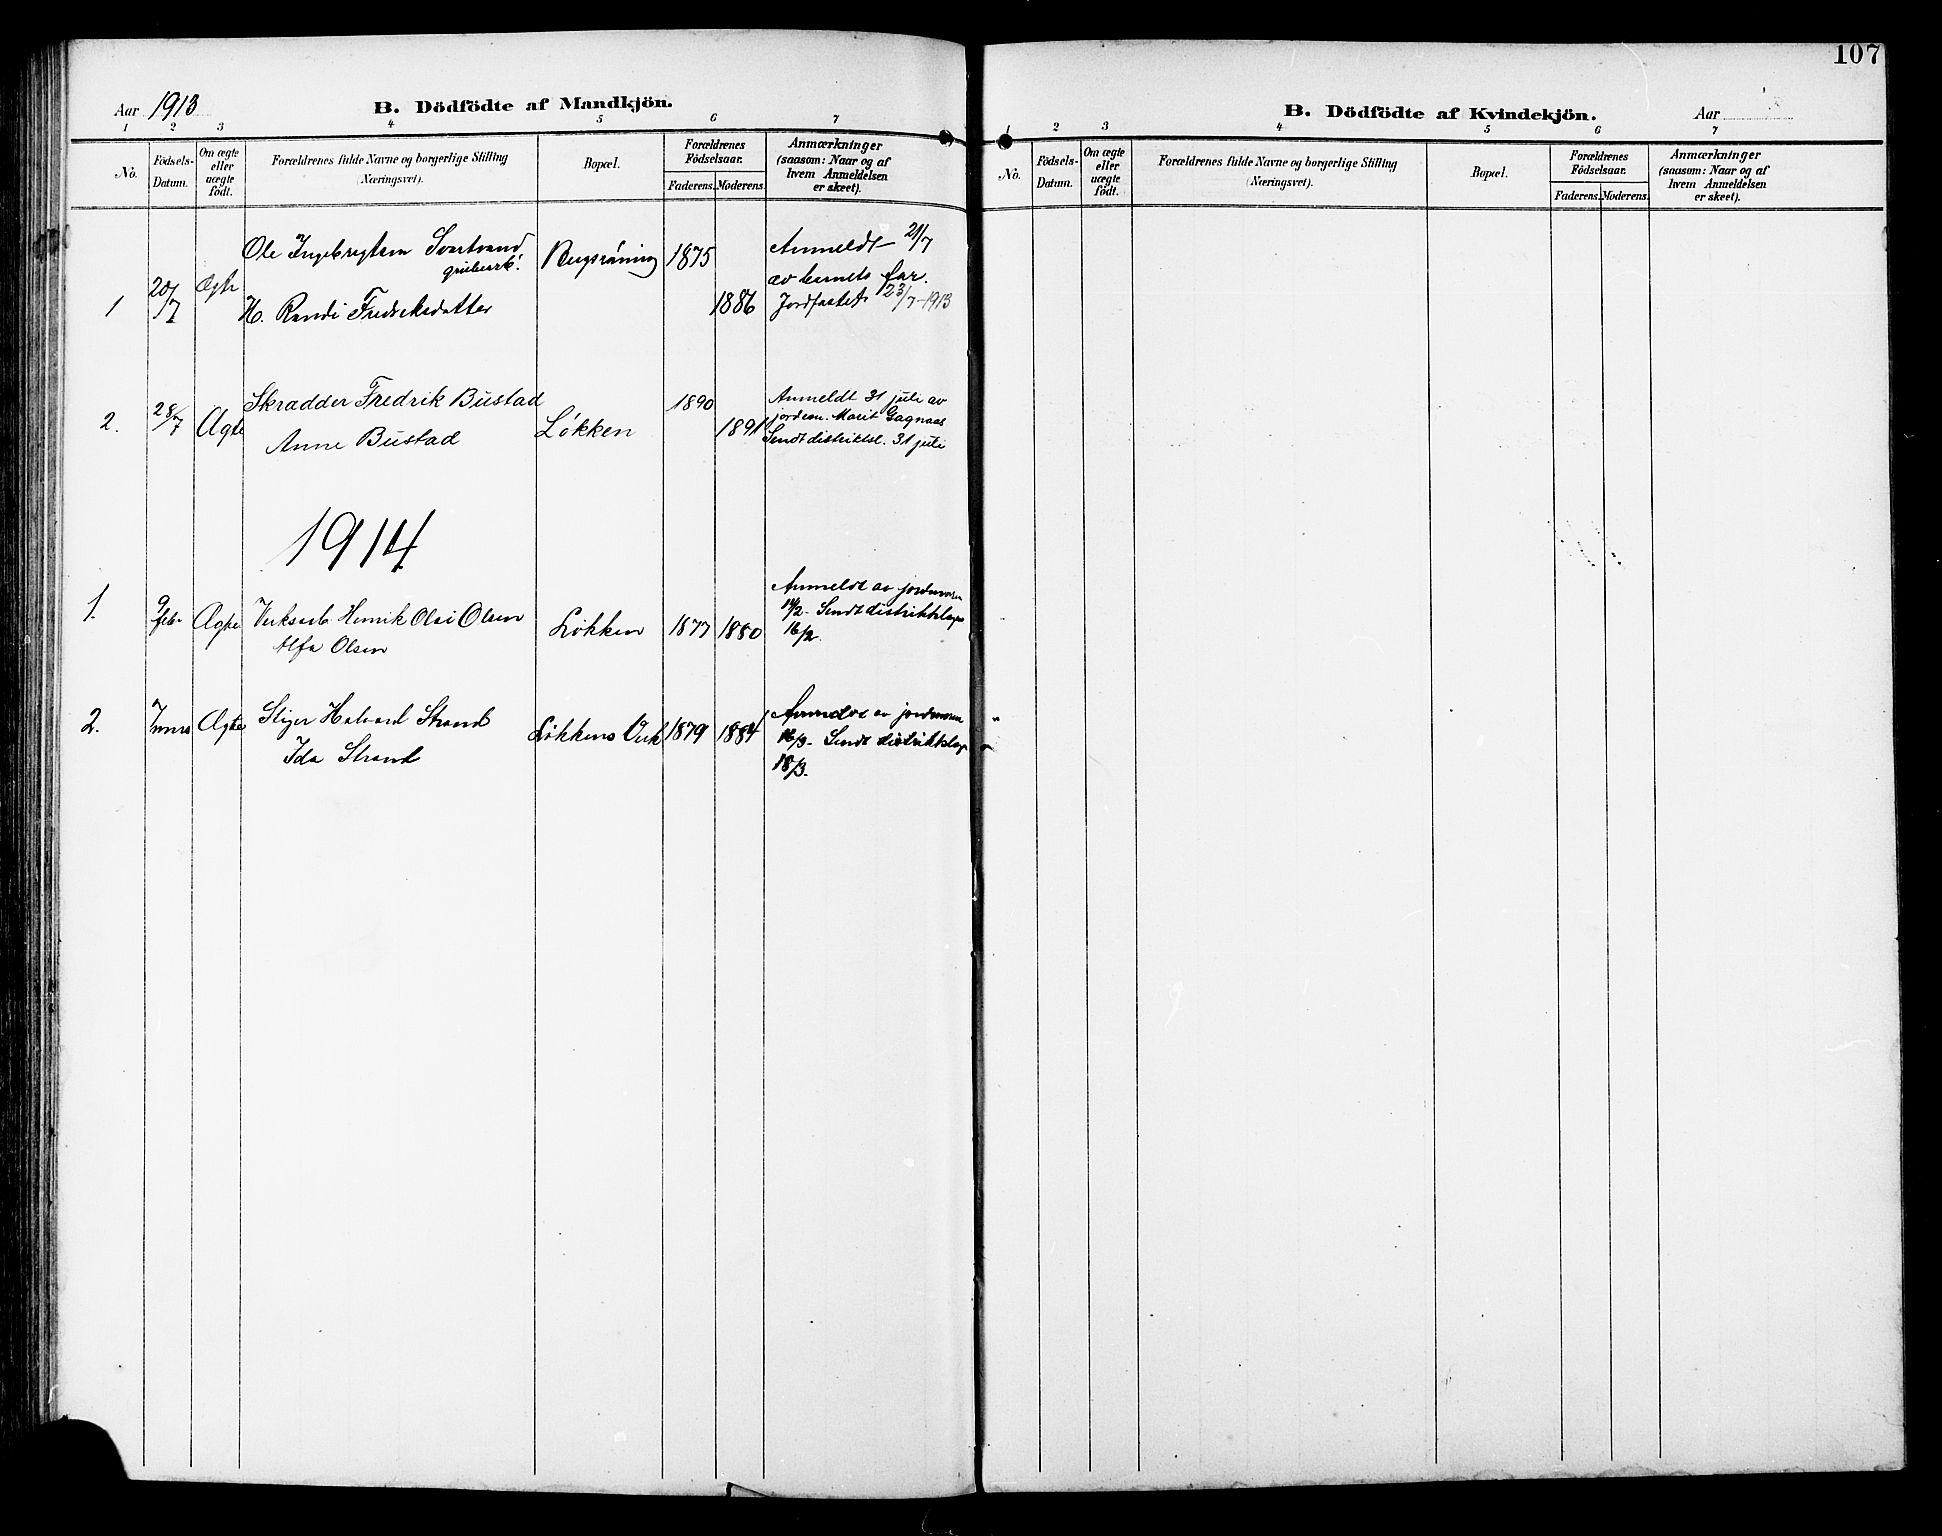 SAT, Ministerialprotokoller, klokkerbøker og fødselsregistre - Sør-Trøndelag, 672/L0864: Klokkerbok nr. 672C03, 1902-1914, s. 107